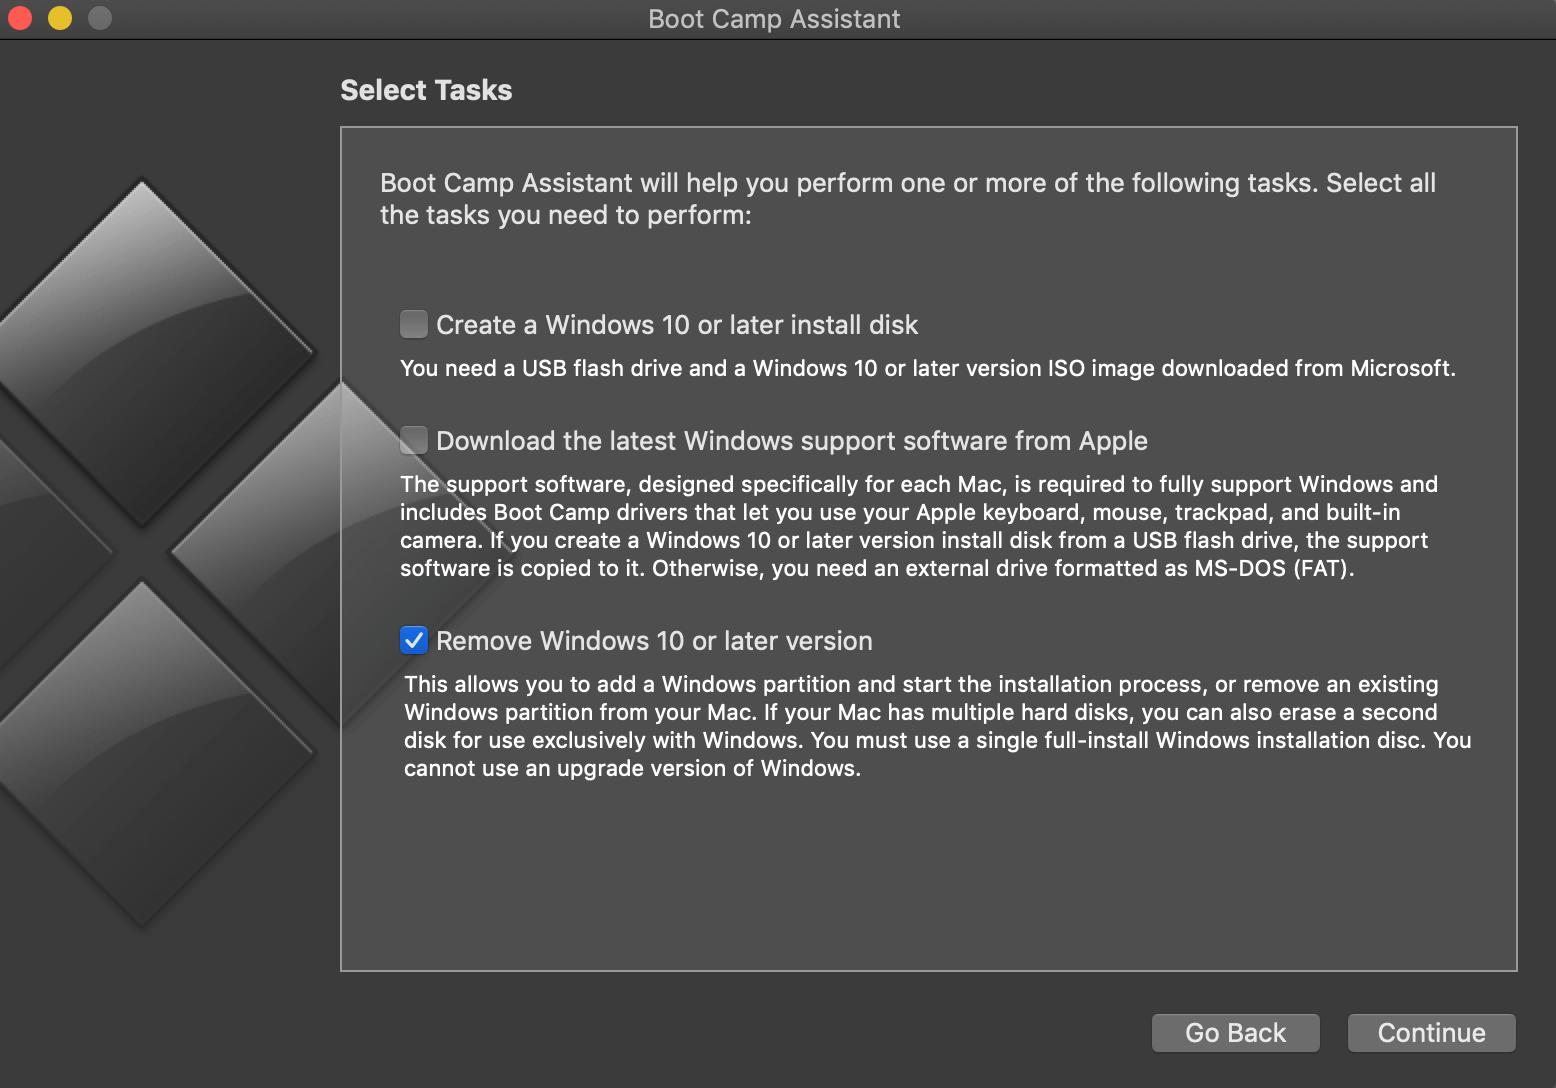 วิธีลบ Windows ออกจาก Mac